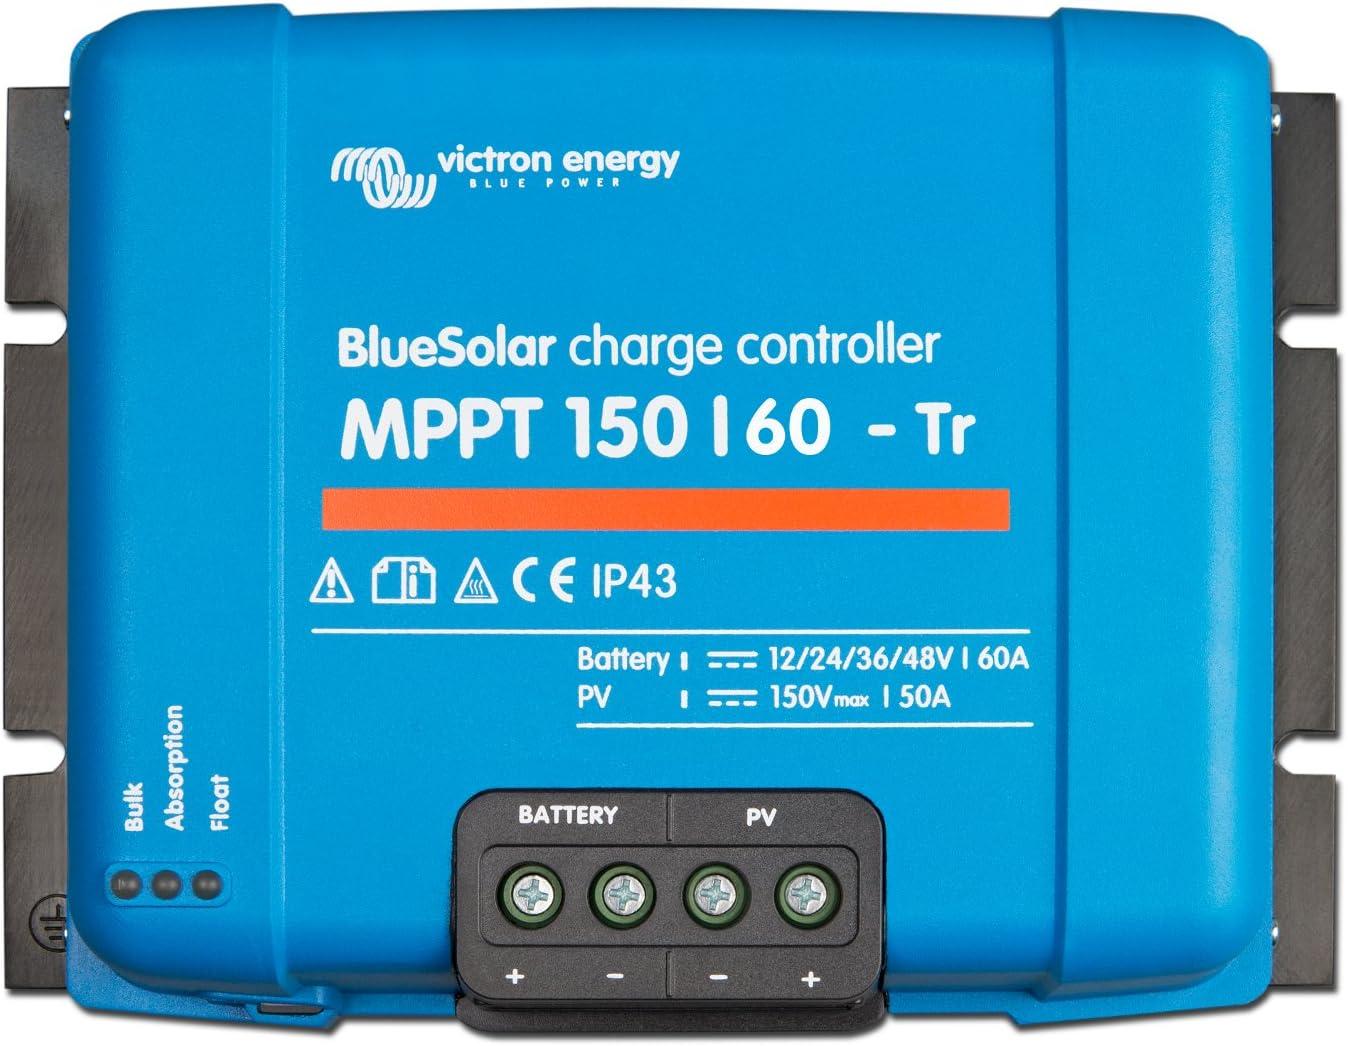 Victron BlueSolar MPPT 150/60 60A - Controlador de carga solar para paneles solares de hasta 860W (12V), 1720W (24V), 2580W (36V), 3440W (48V) y hasta 150V